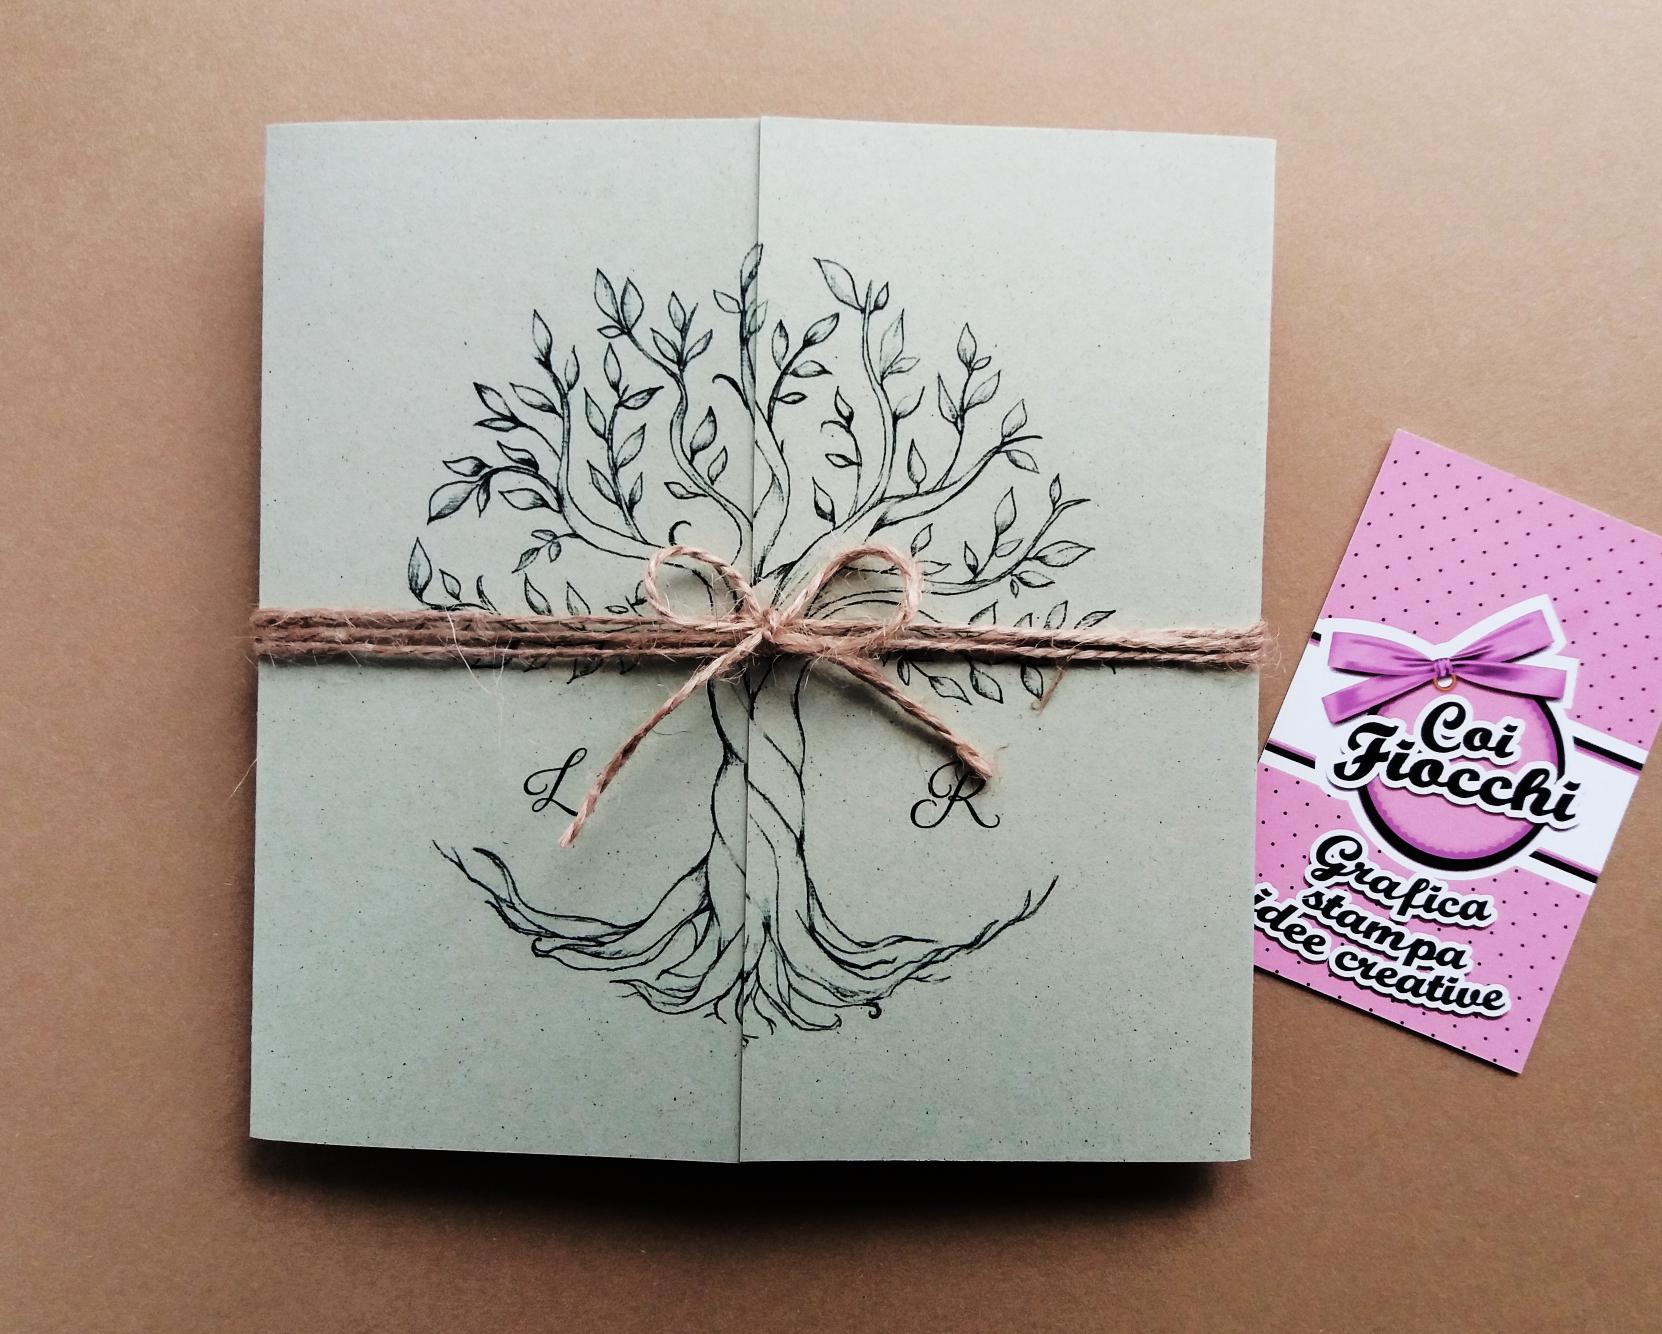 Partecipazione nozze ecologica in carta riciclata ad ante con albero disegnato